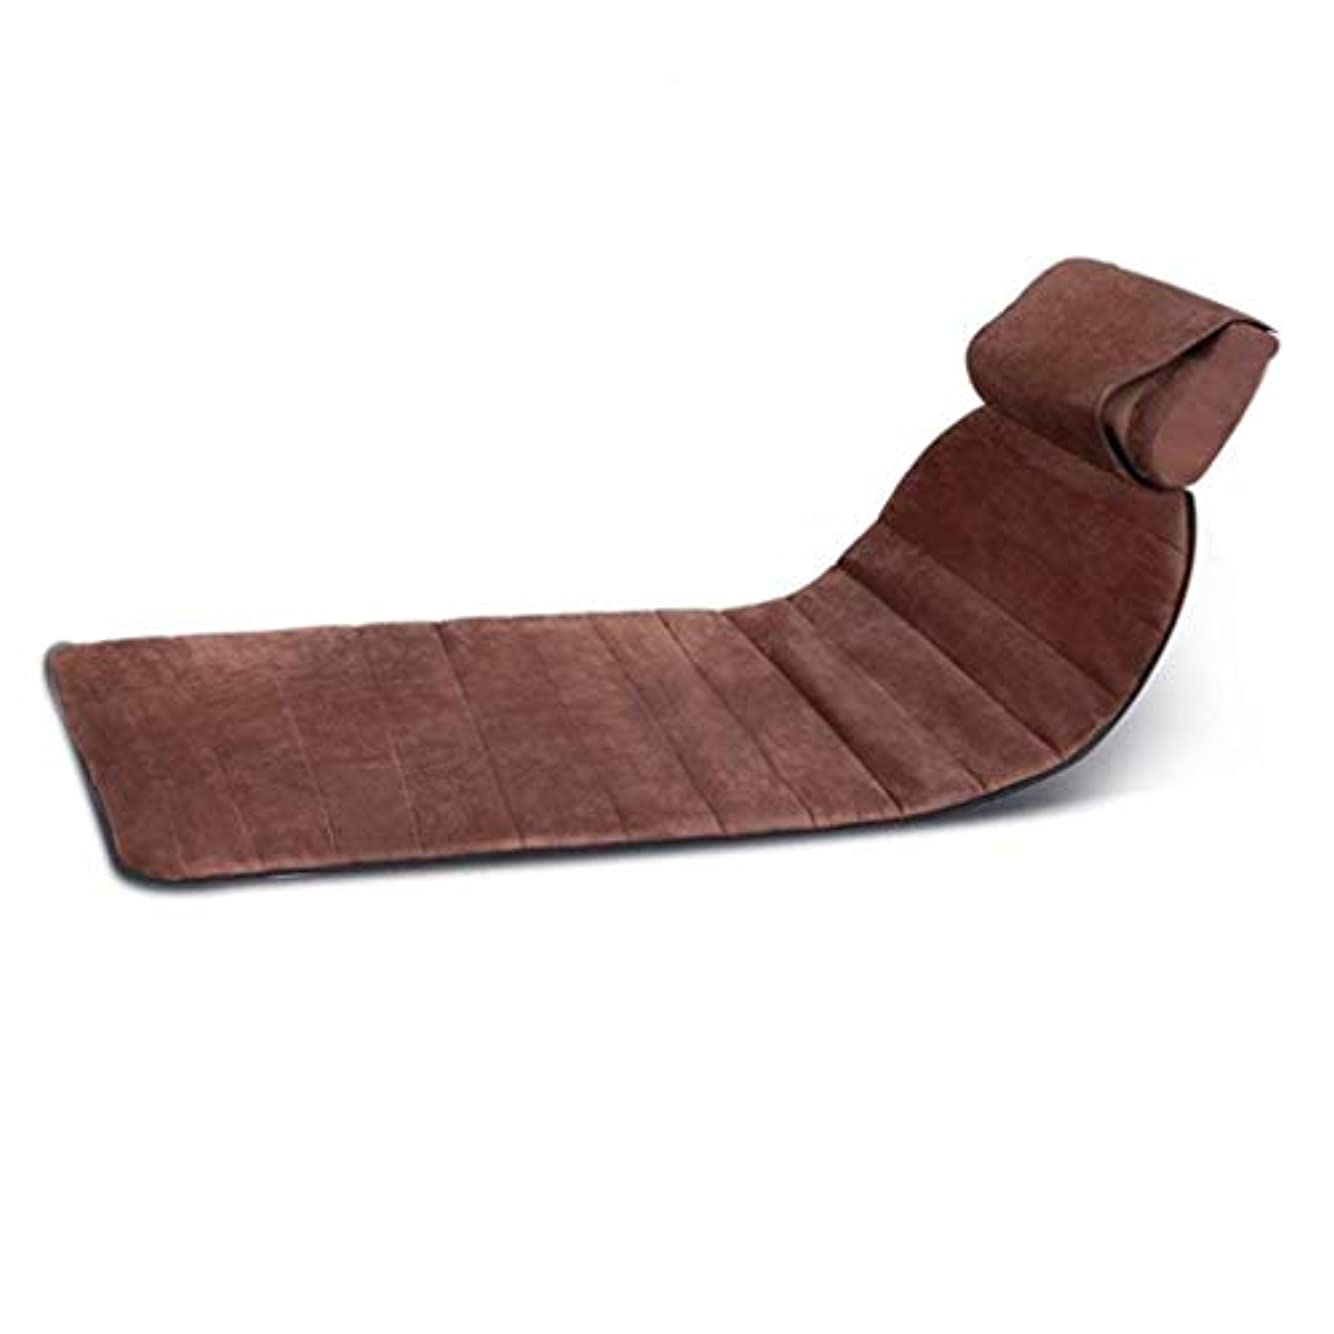 マッサージクッション、折り畳み式フルボディマッサージマットレス、首と肩用の多機能加熱/振動マッサージパッド、ホームオフィスでの使用に適しており、ストレス/痛みを和らげ、筋肉をリラックス78 * 62cm